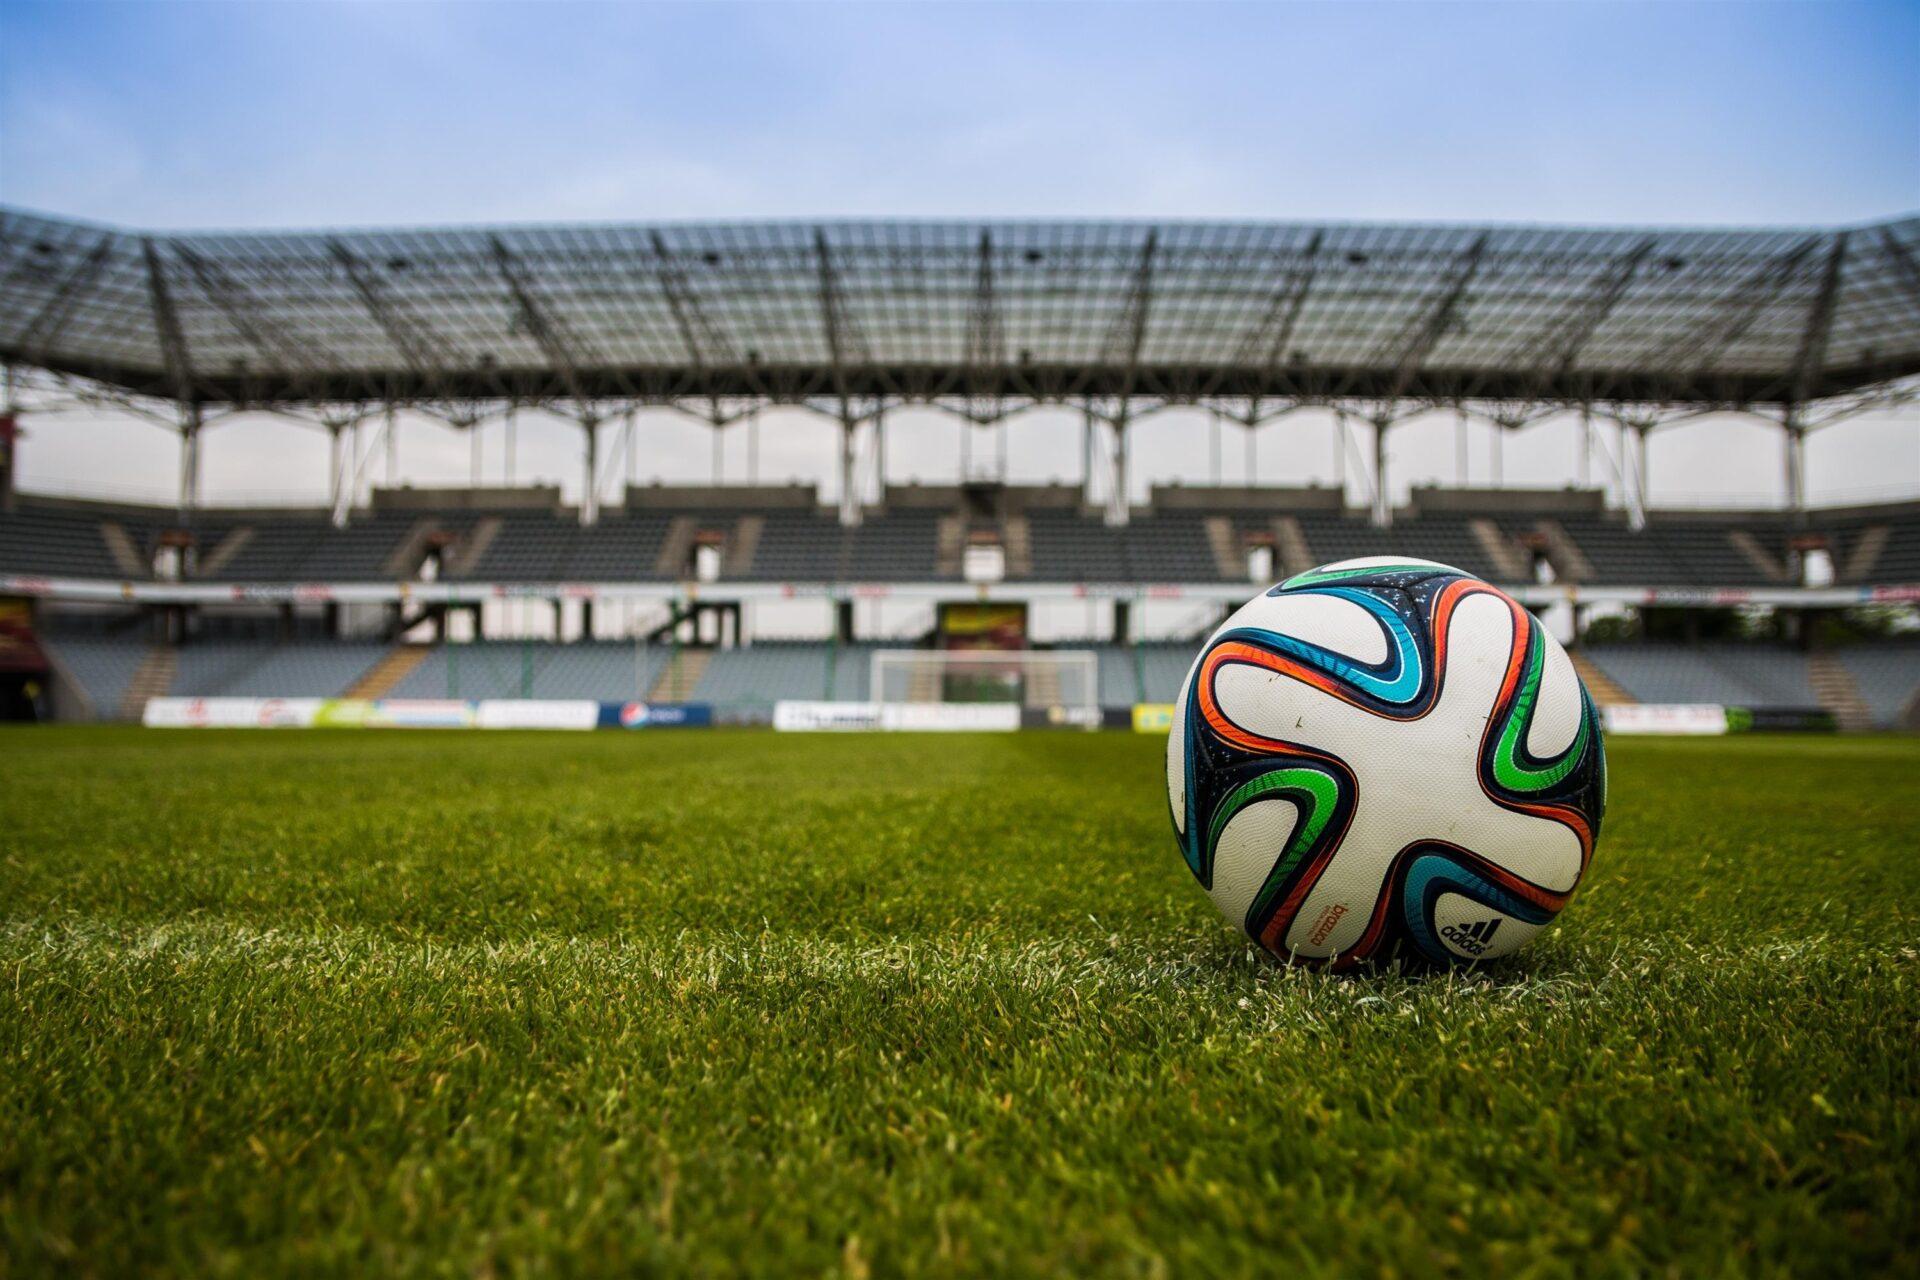 Fans & Broadcasters vs The European Super League